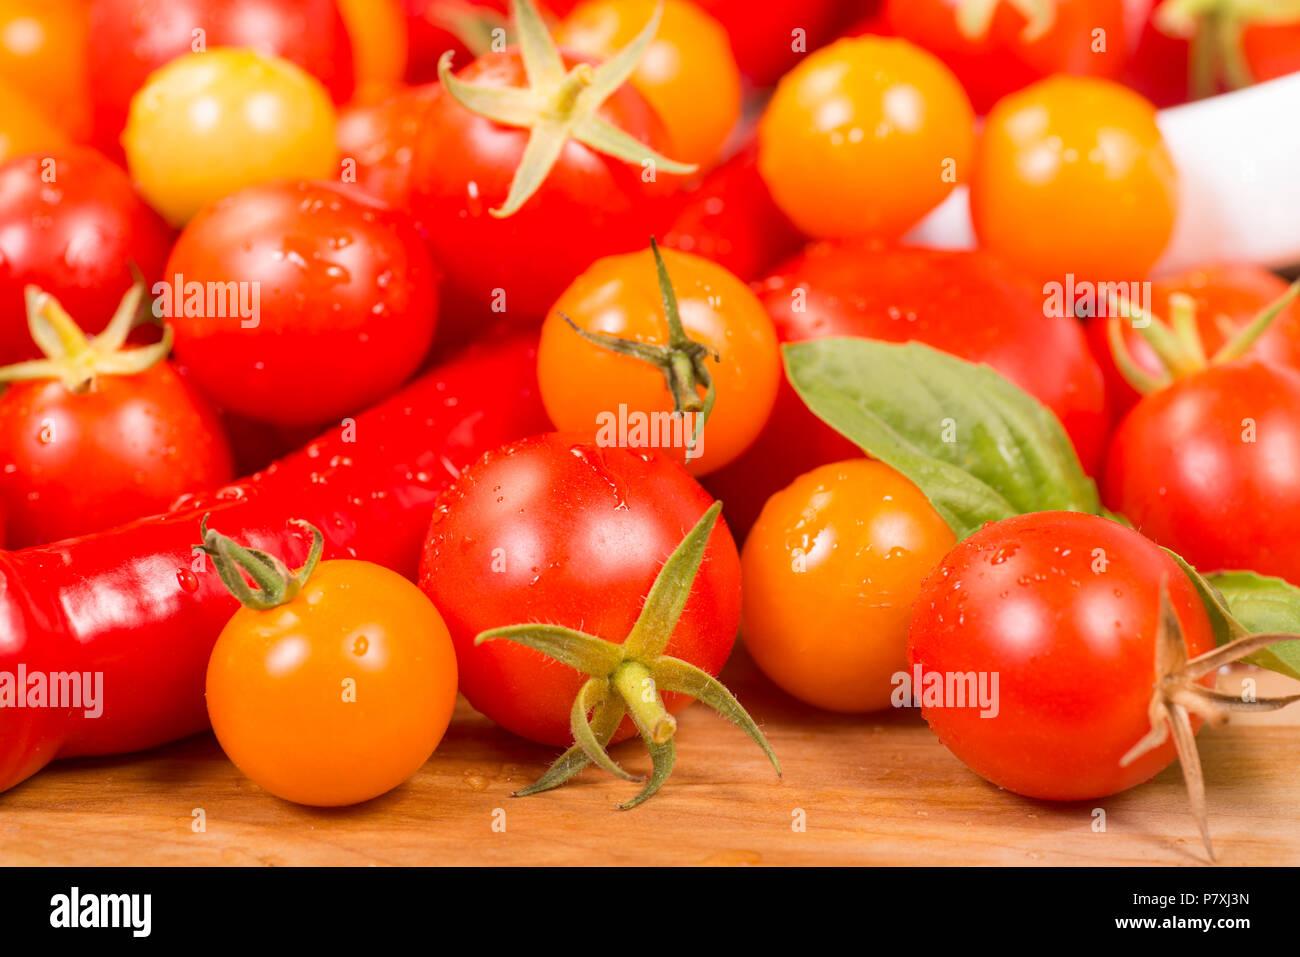 Assortiment de tomates cerises et de poivrons fraîchement cueilli du jardin Banque D'Images